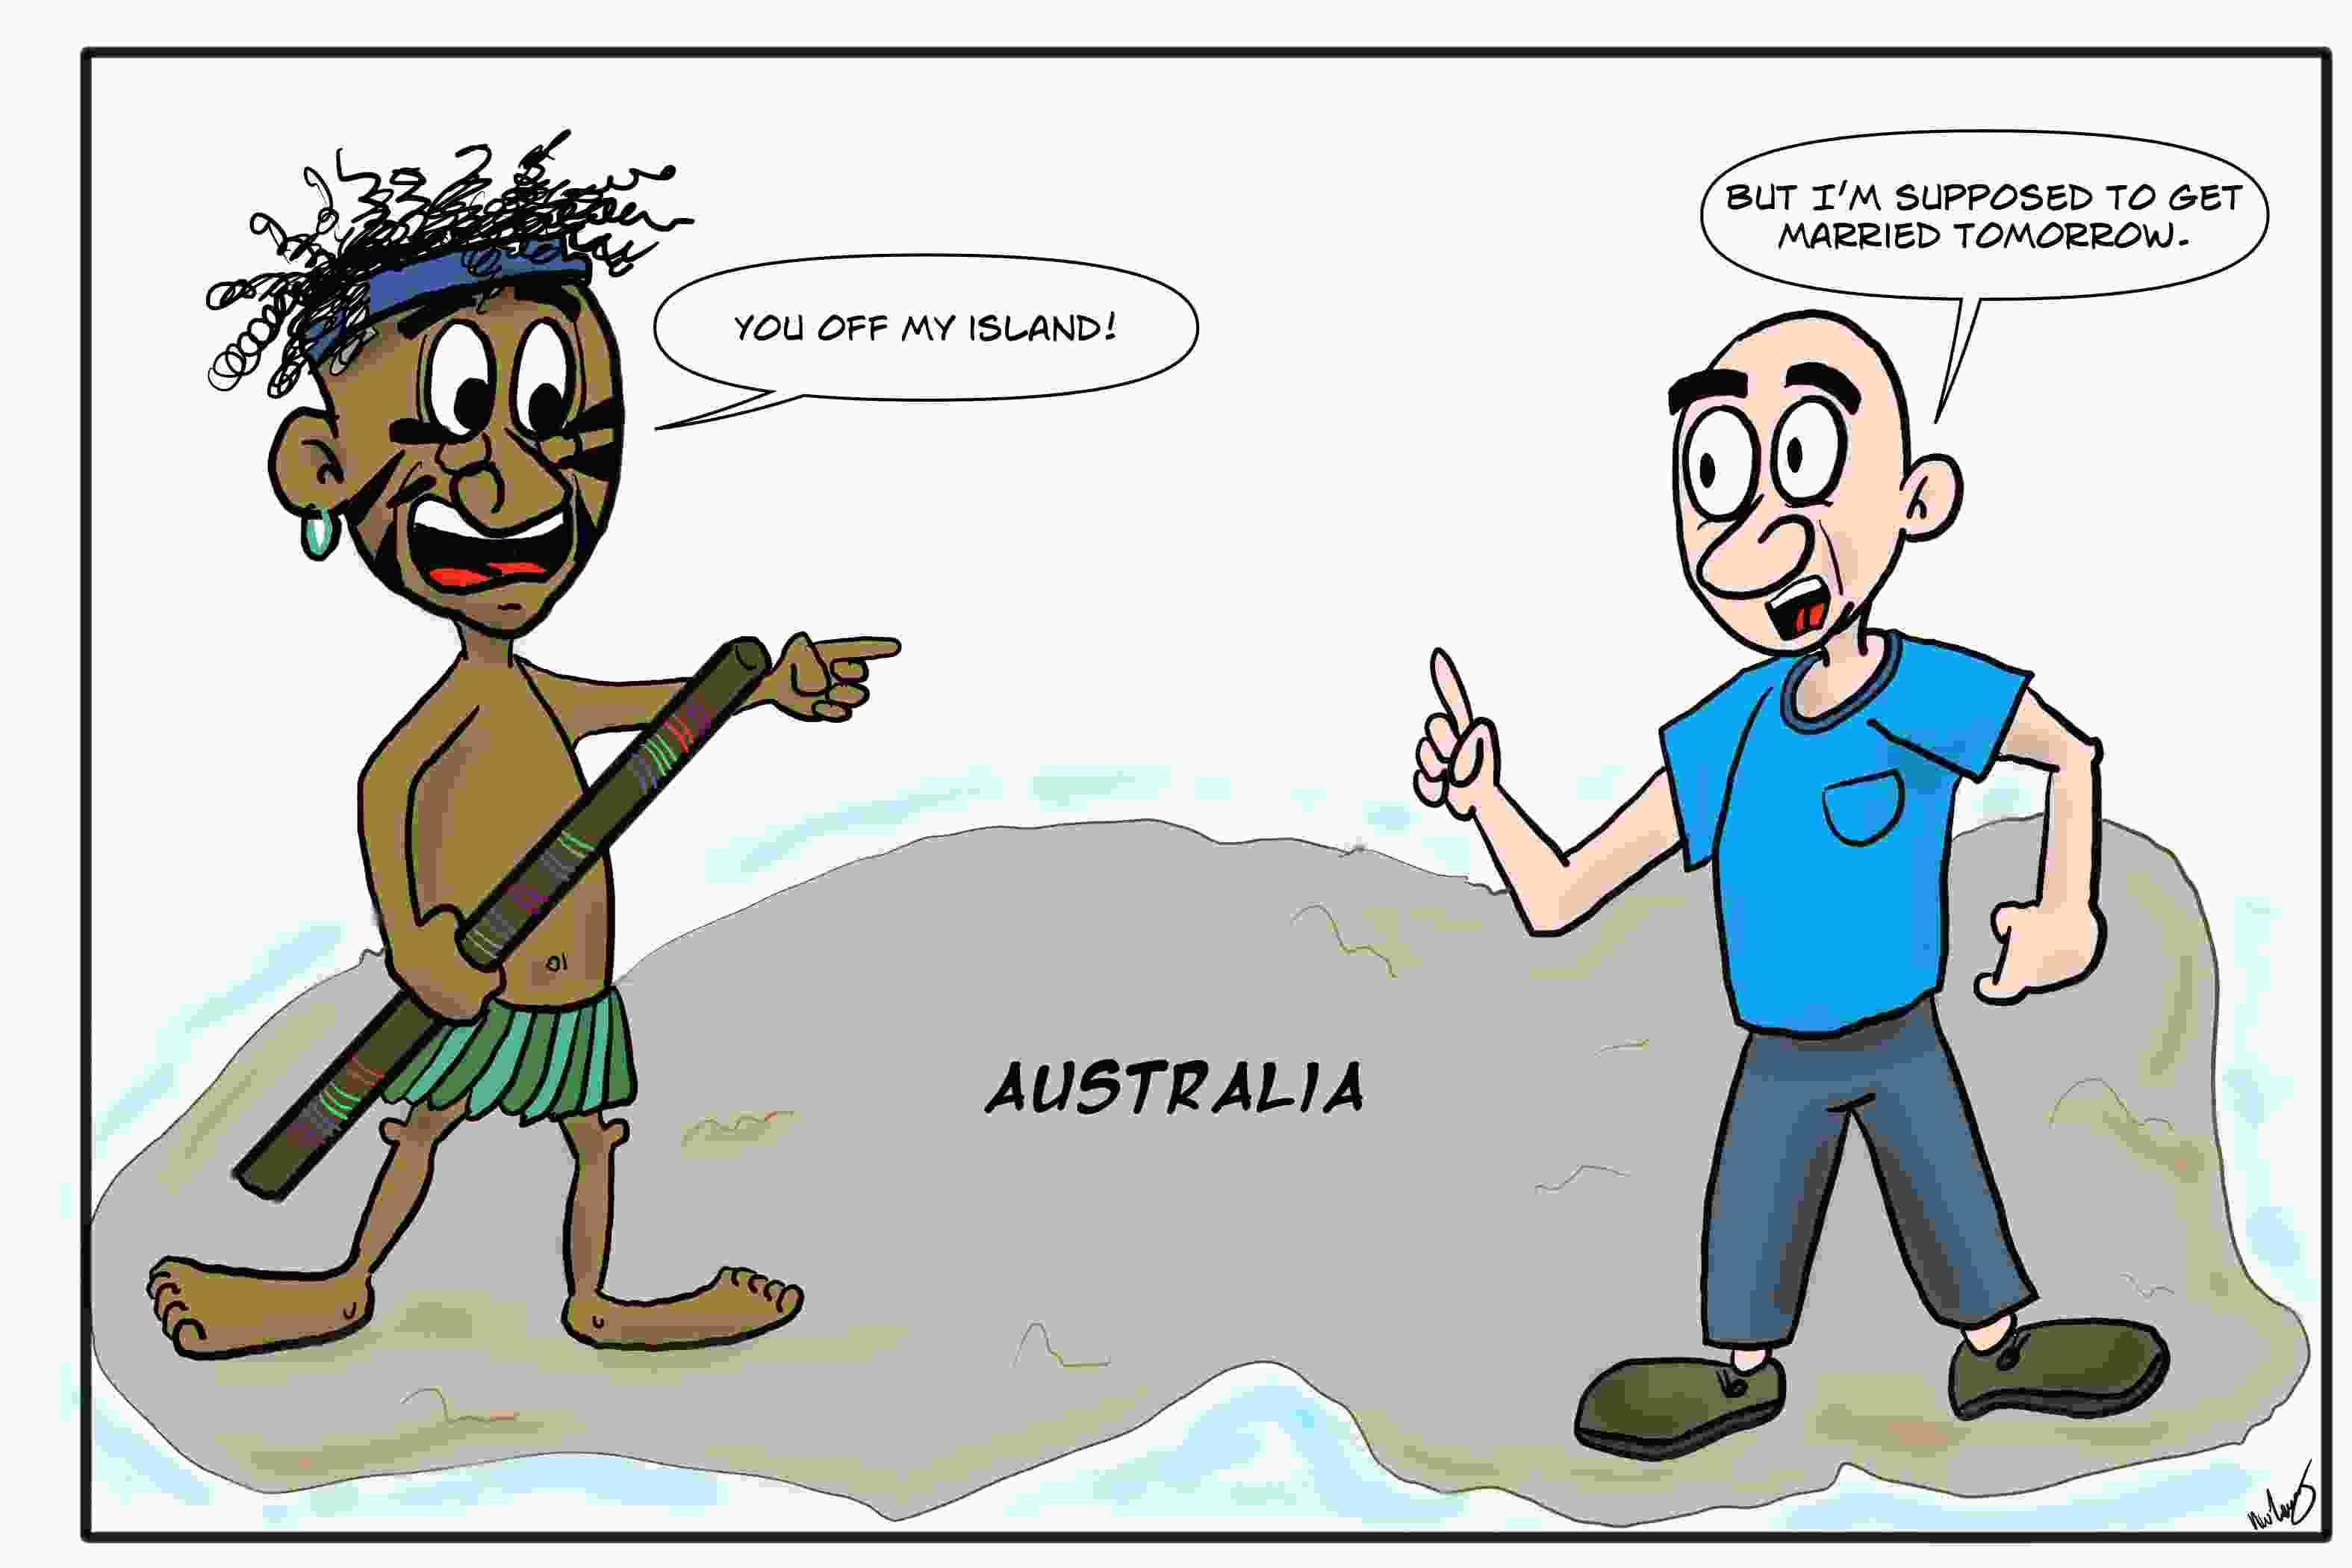 navy-sailor-off-australia